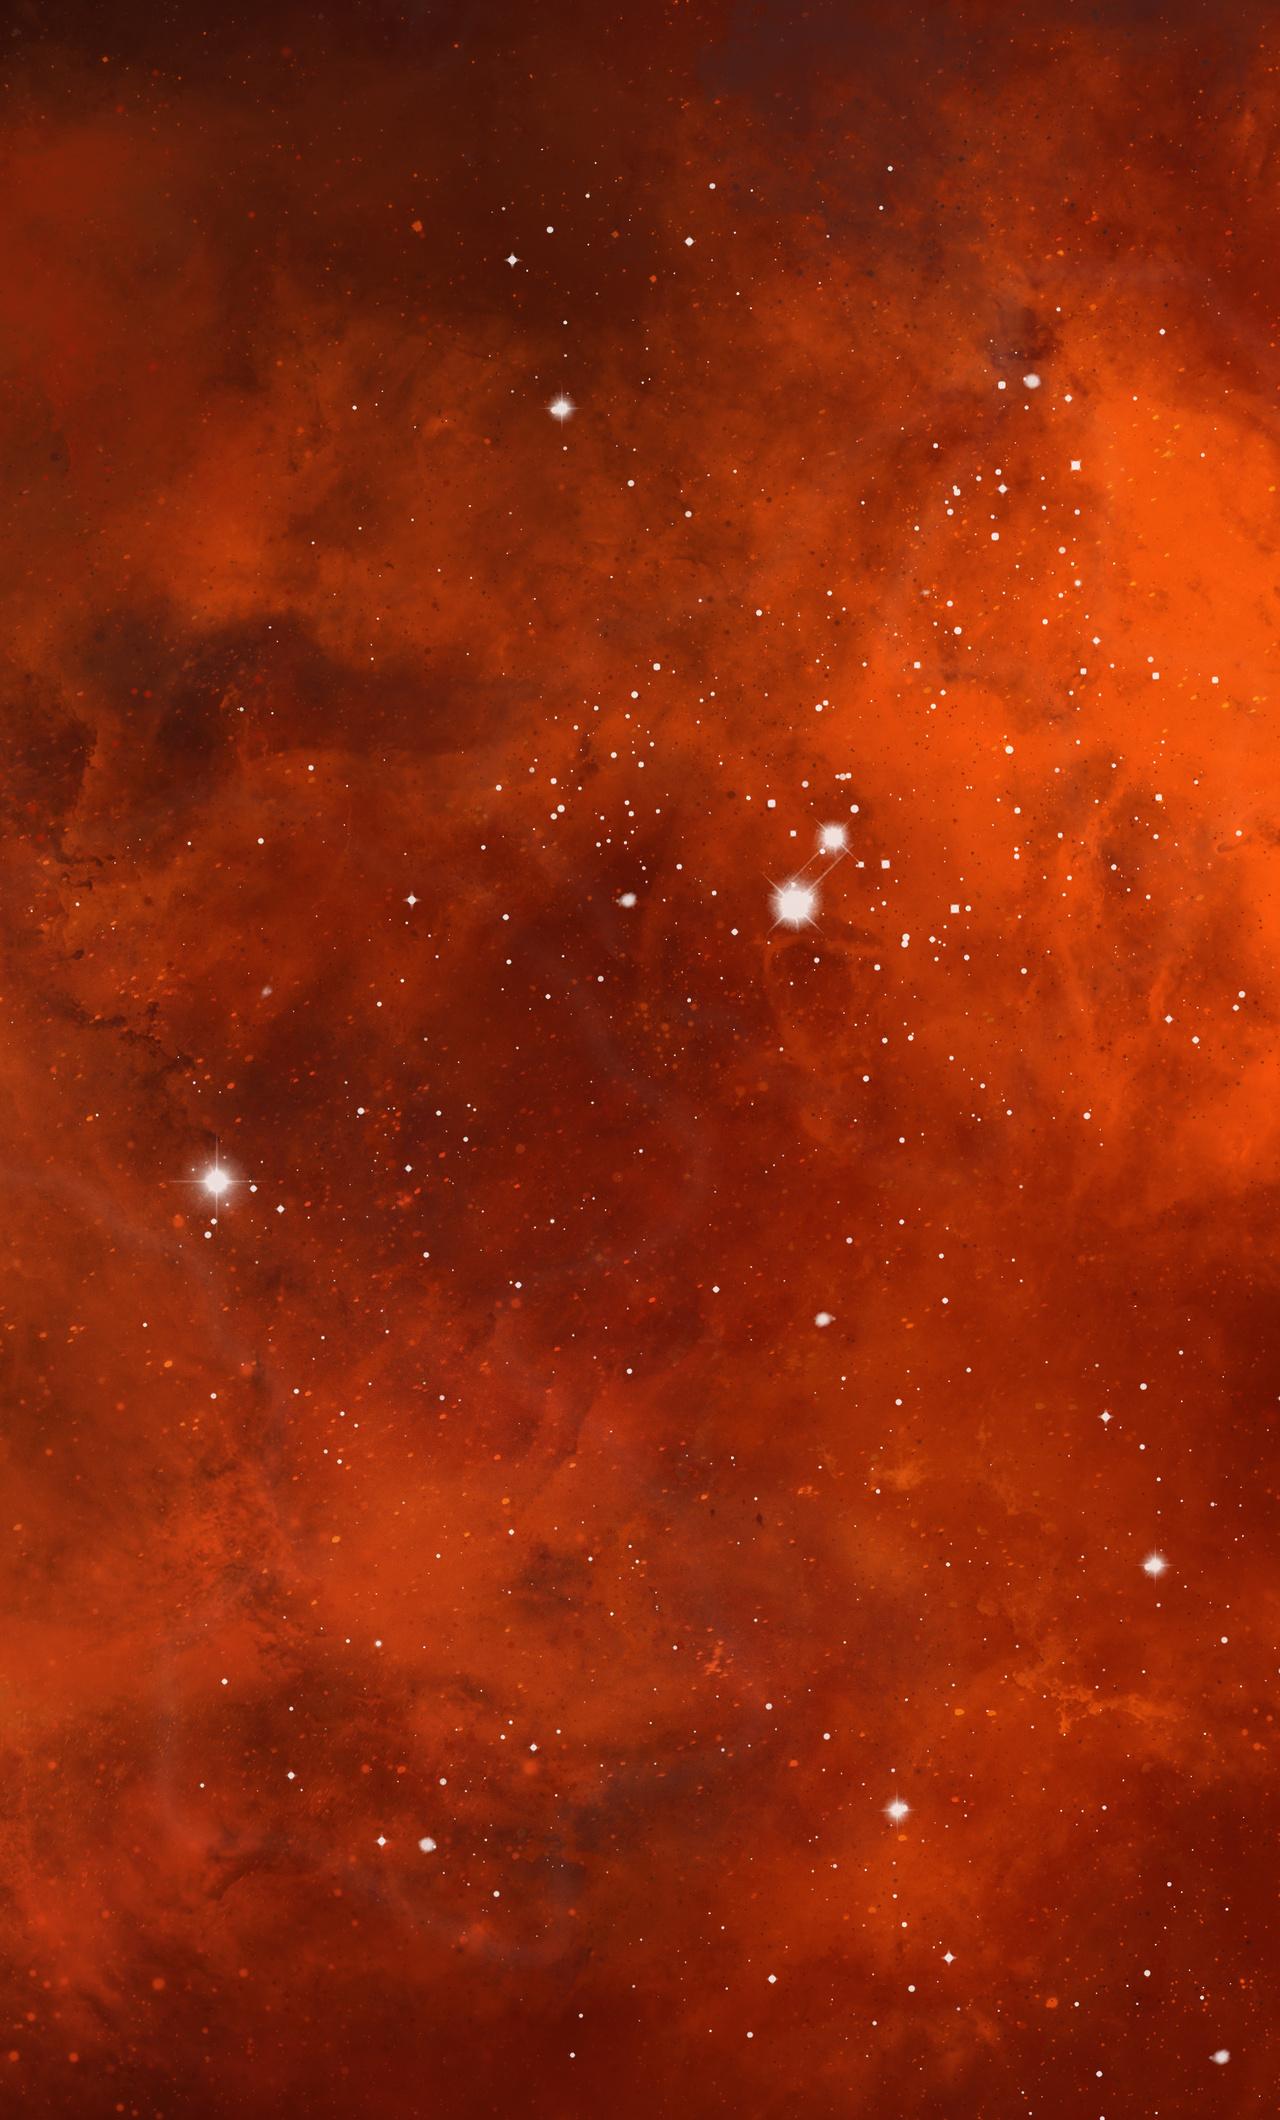 orange-space-5k-me.jpg